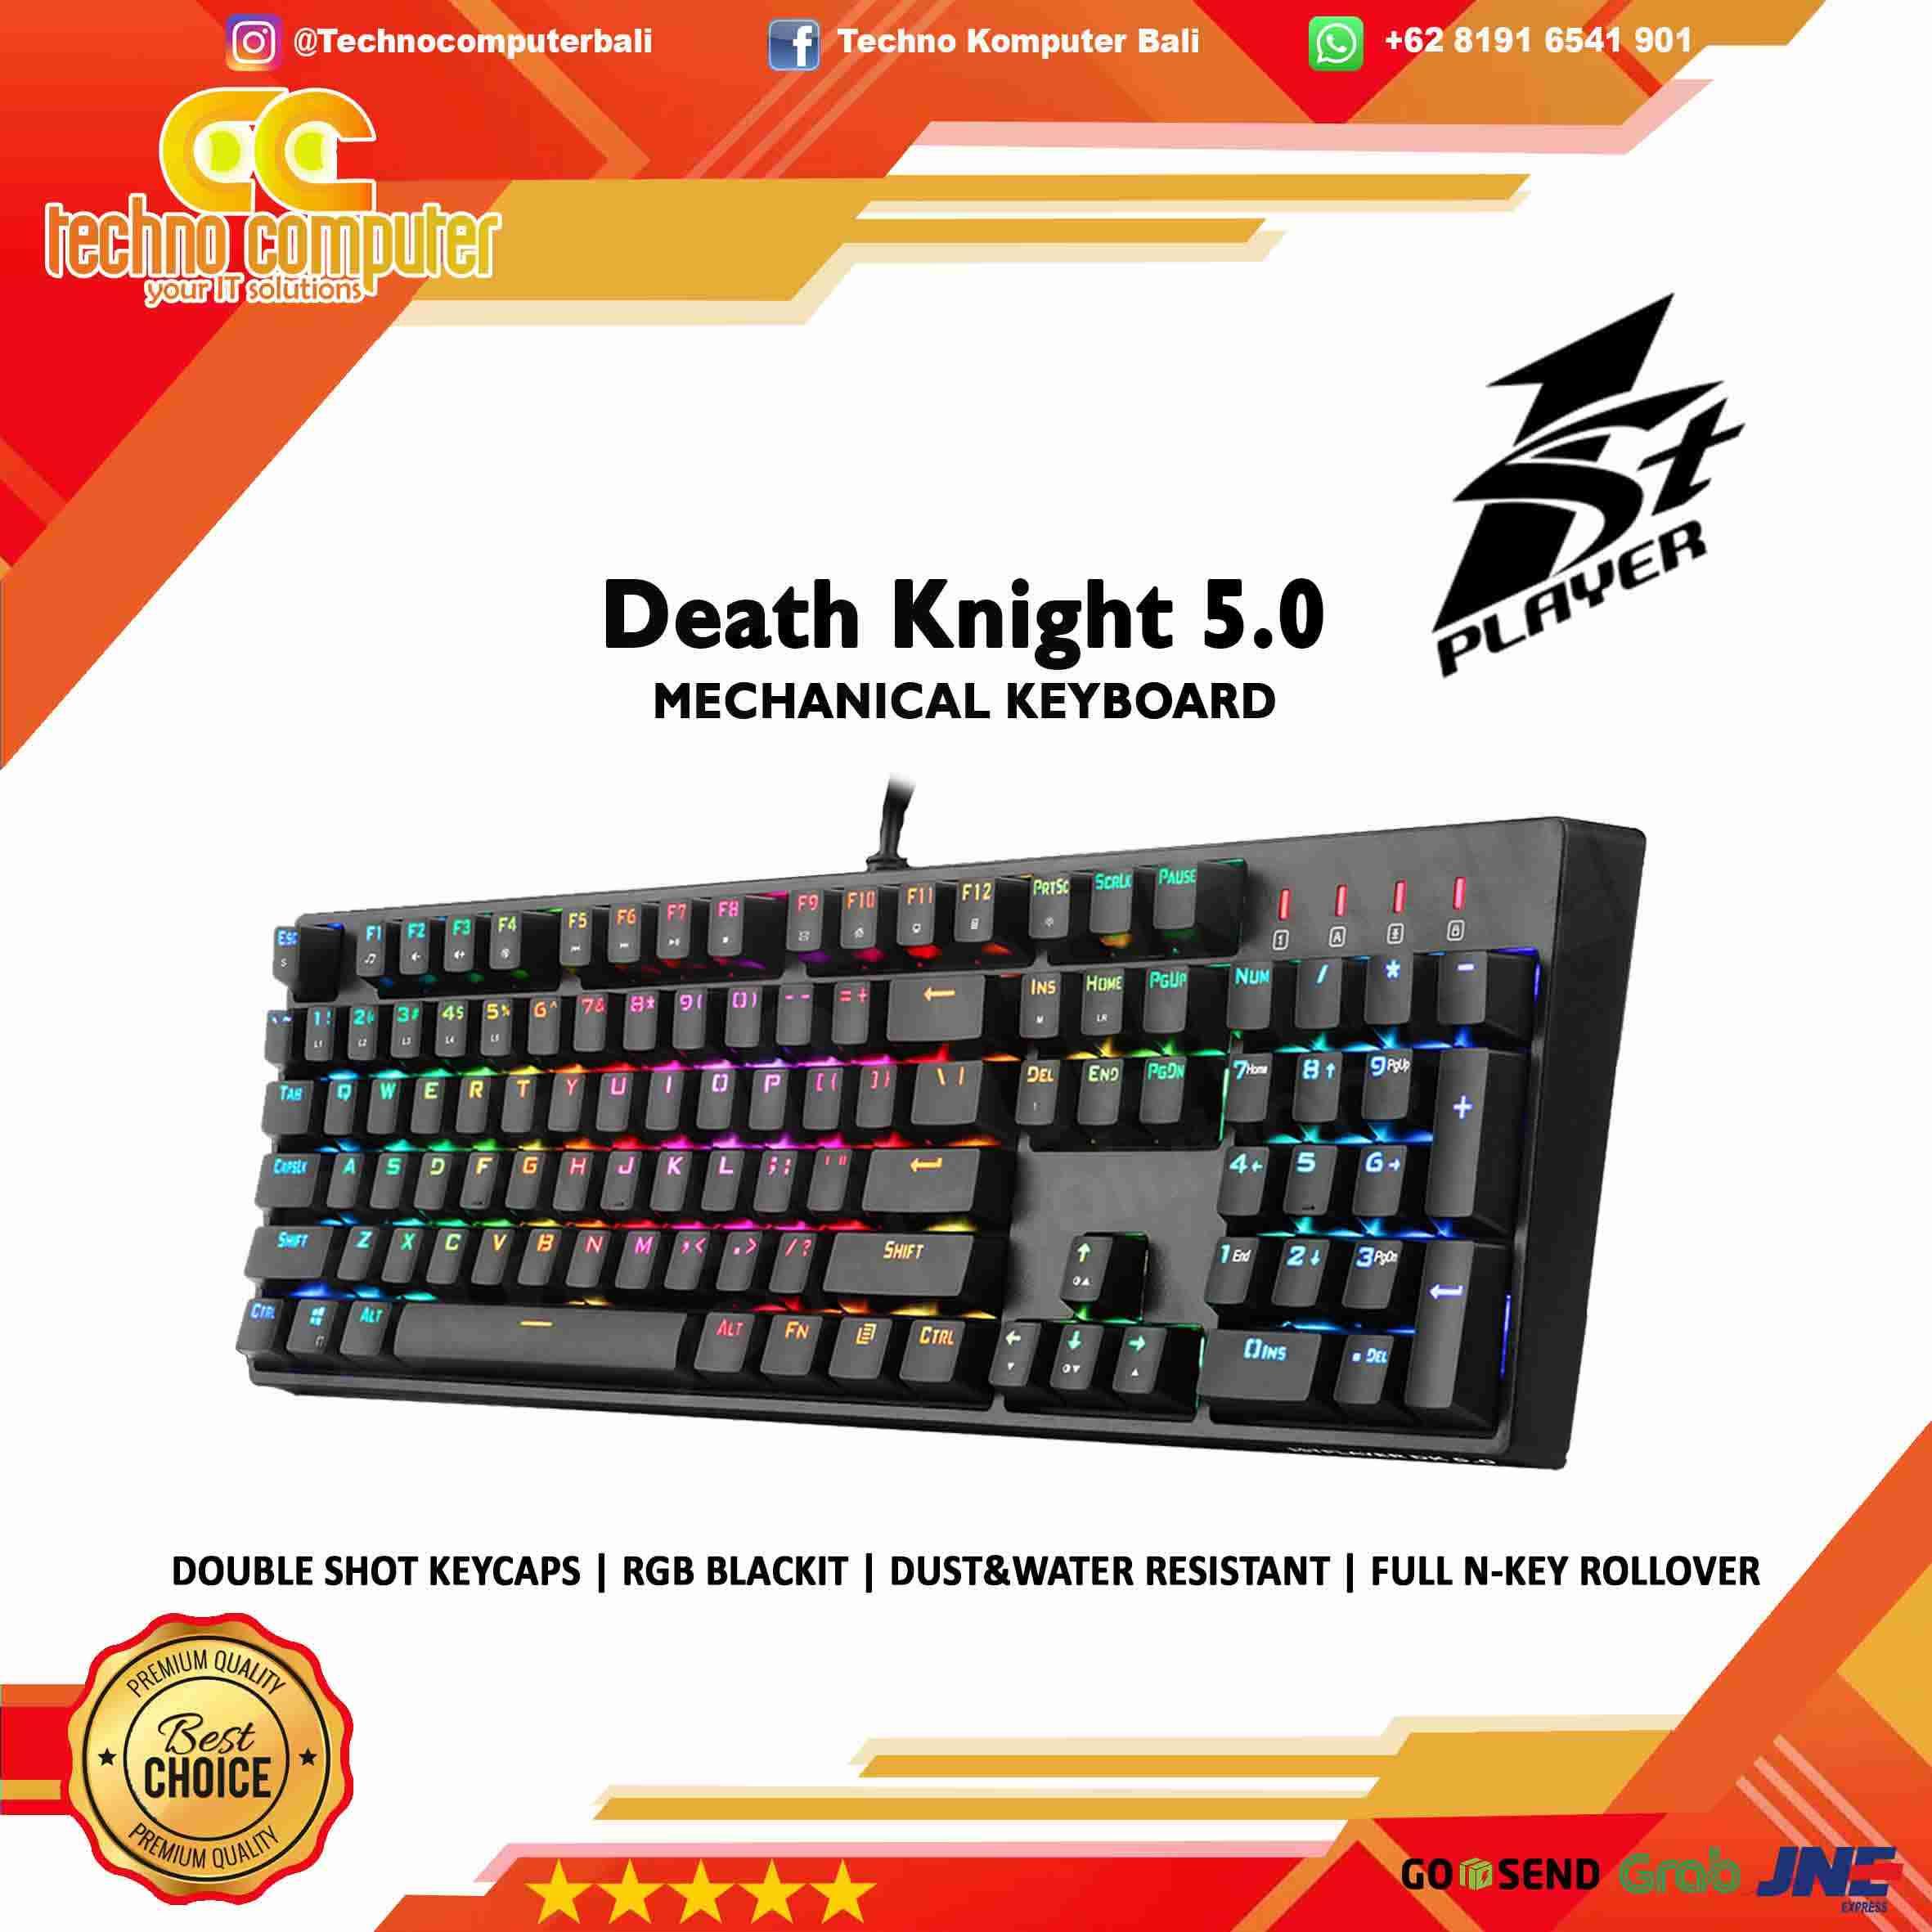 KEYBOARD GAMING 1STPLAYER DK 5.0 RGB - Mechanical